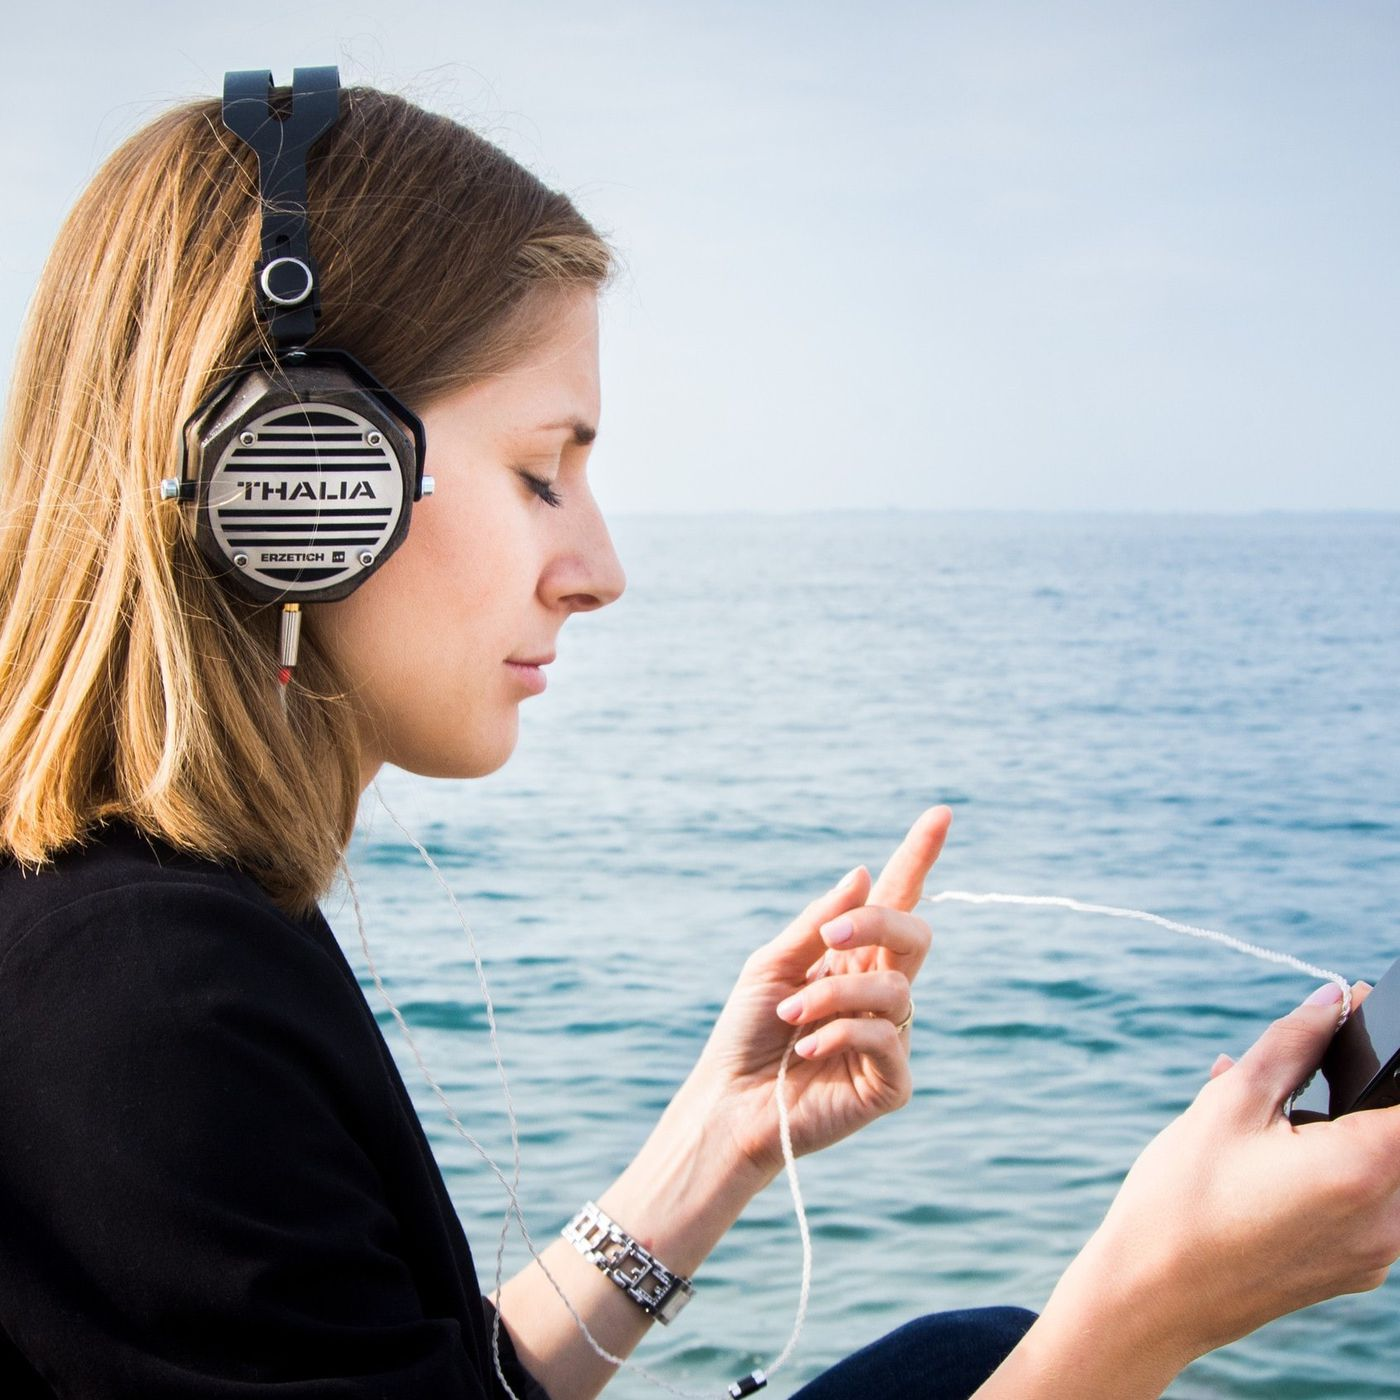 Gürültü Önleyici Kulaklıklar Nasıl Çalışır?